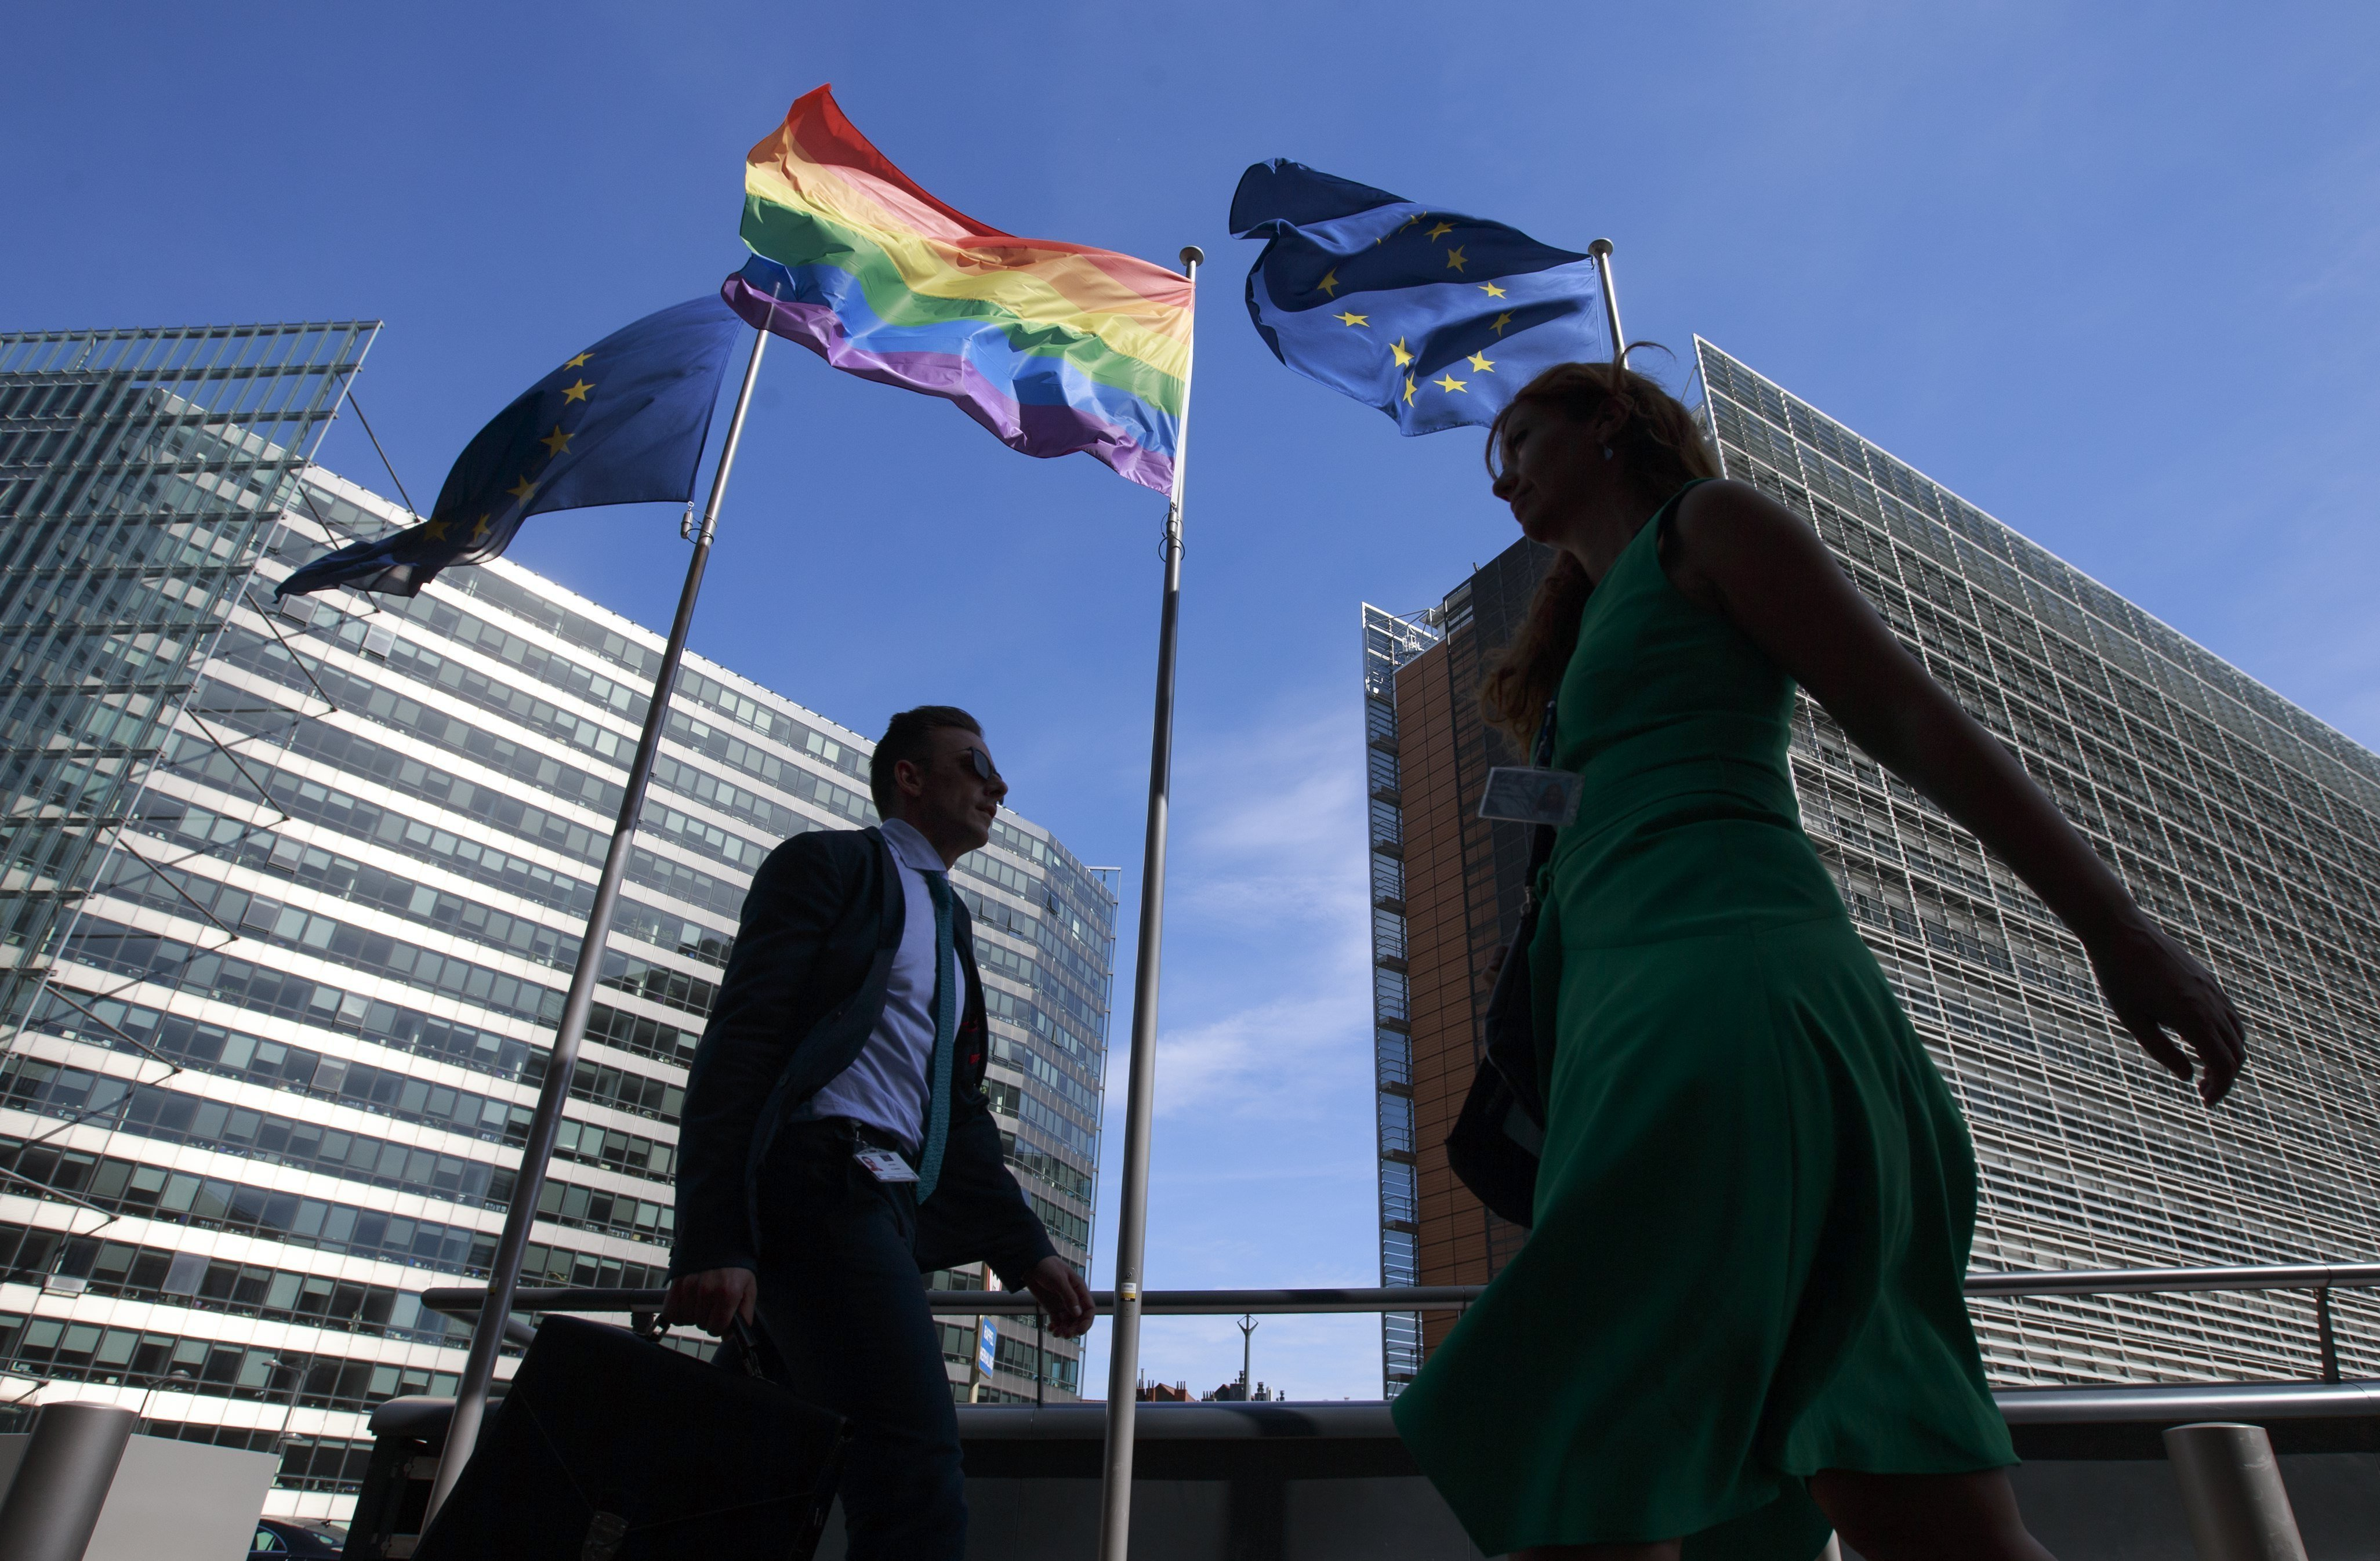 La bandera de l'orgull LGTBI oneja avui 17 de maig, Dia Internacional contra la LGTBIfòbia, entre dues banderes de la Unió Europea, davant la seu del Consell Europeu a Brussel·les, Bèlgica. / OLIVIER HOSLET